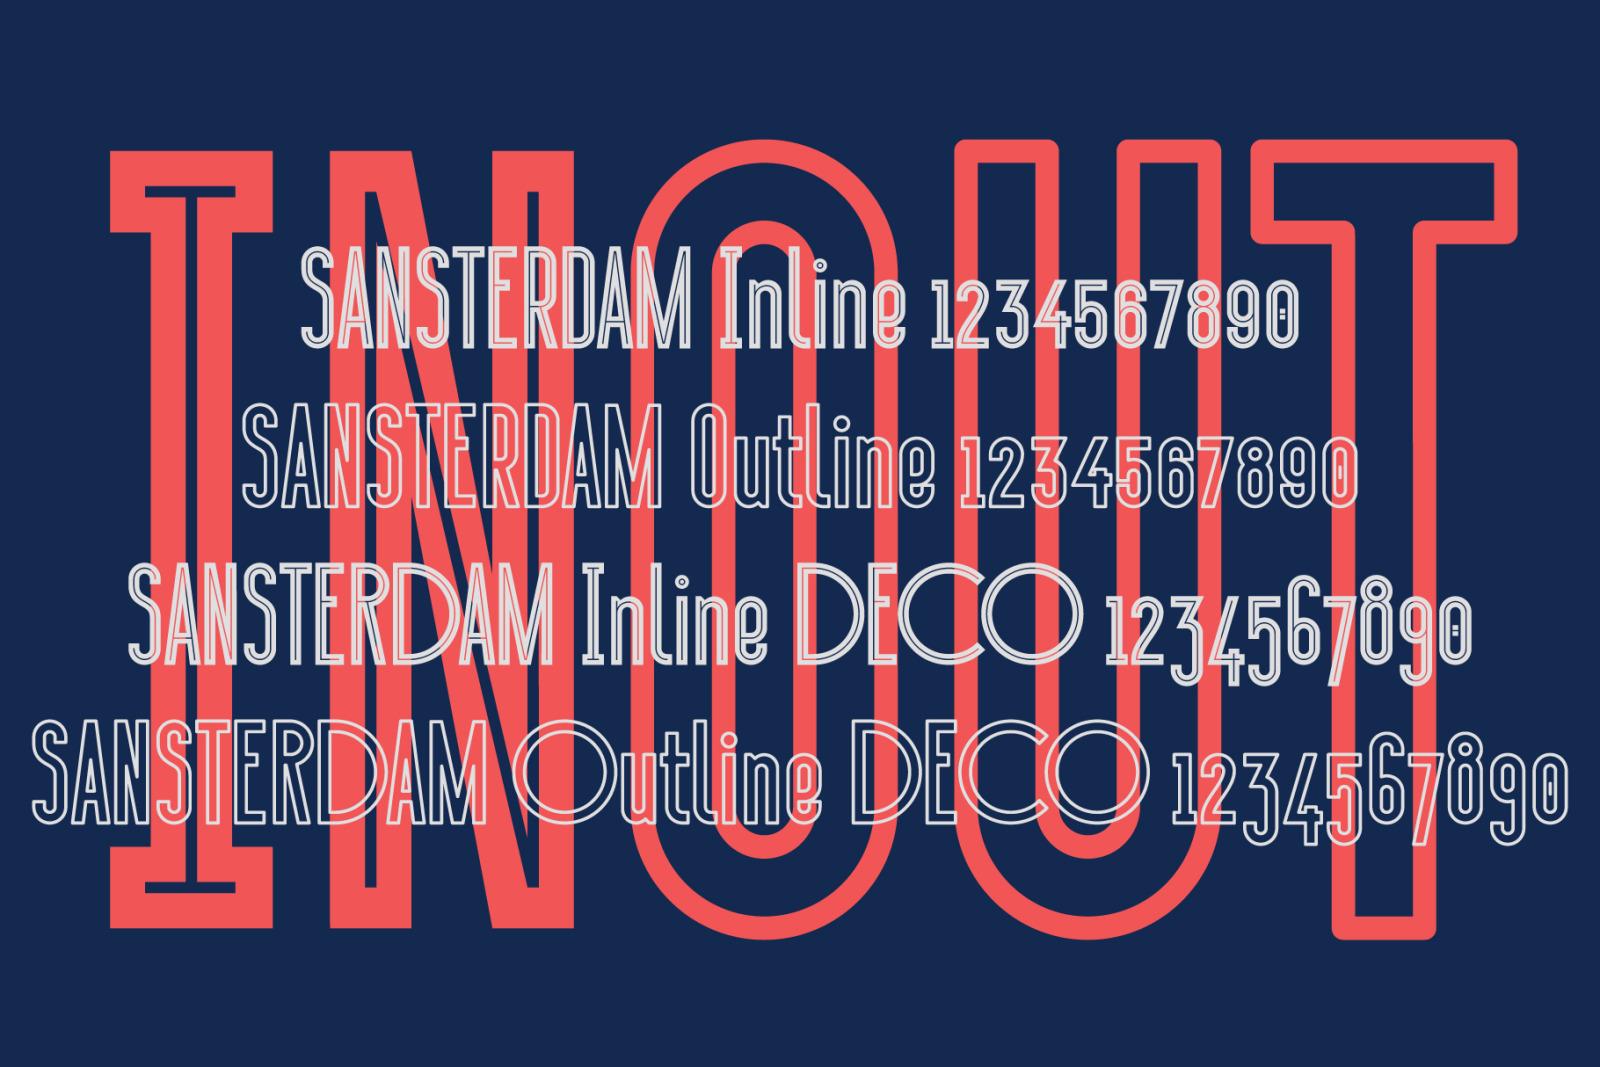 Sansterdam Inline & Outline